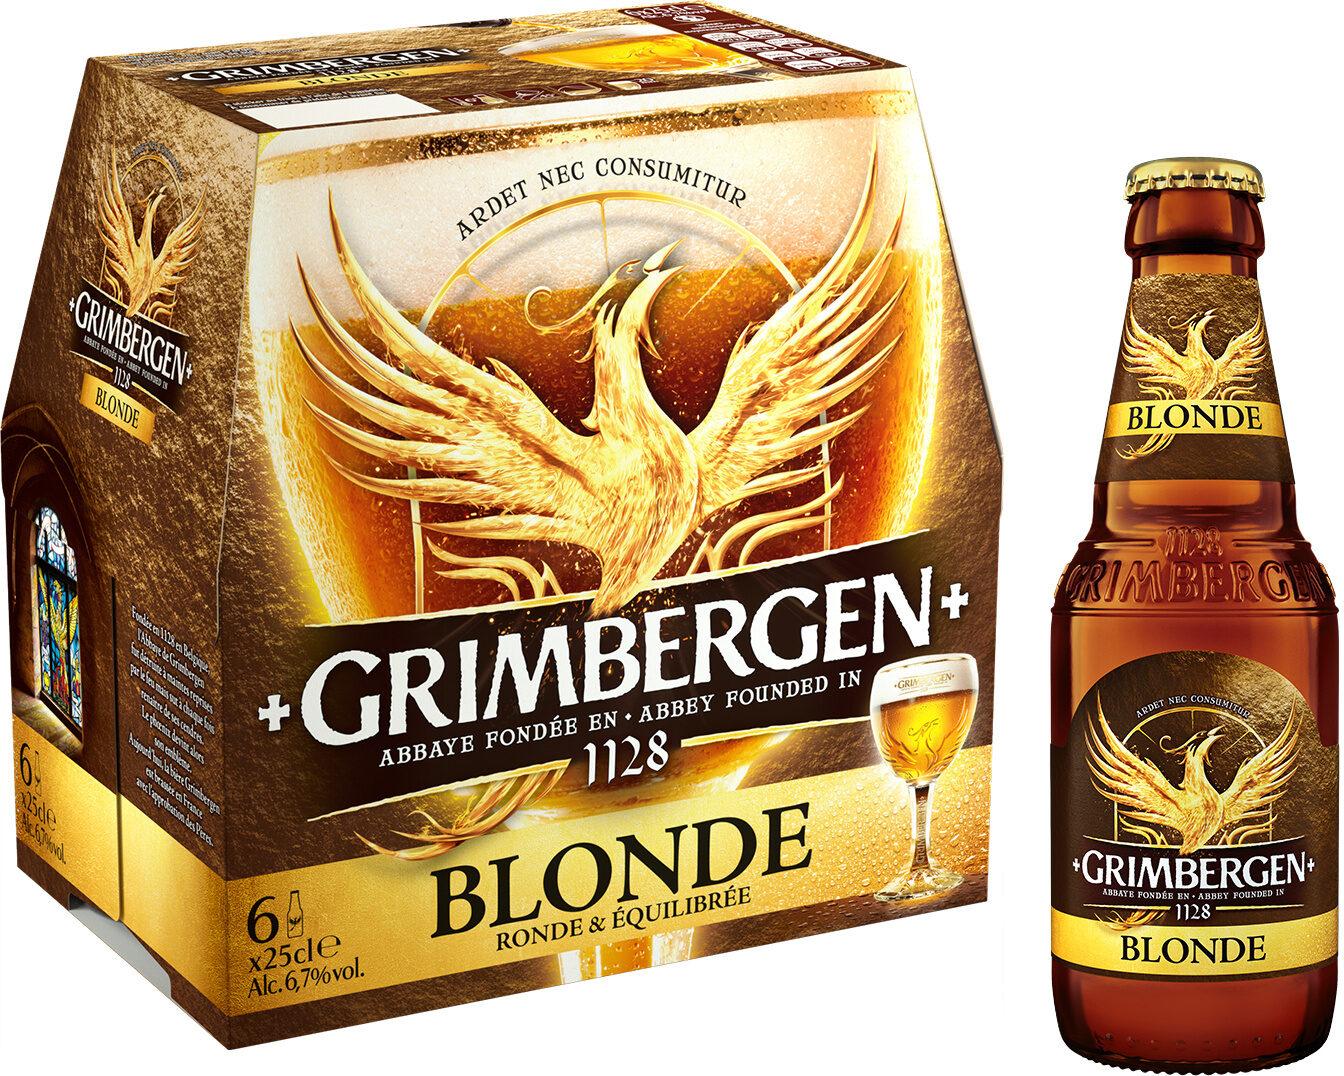 Grimbergen - 6x25cl grimbergen blonde - 6.70 degre alcool - Prodotto - fr